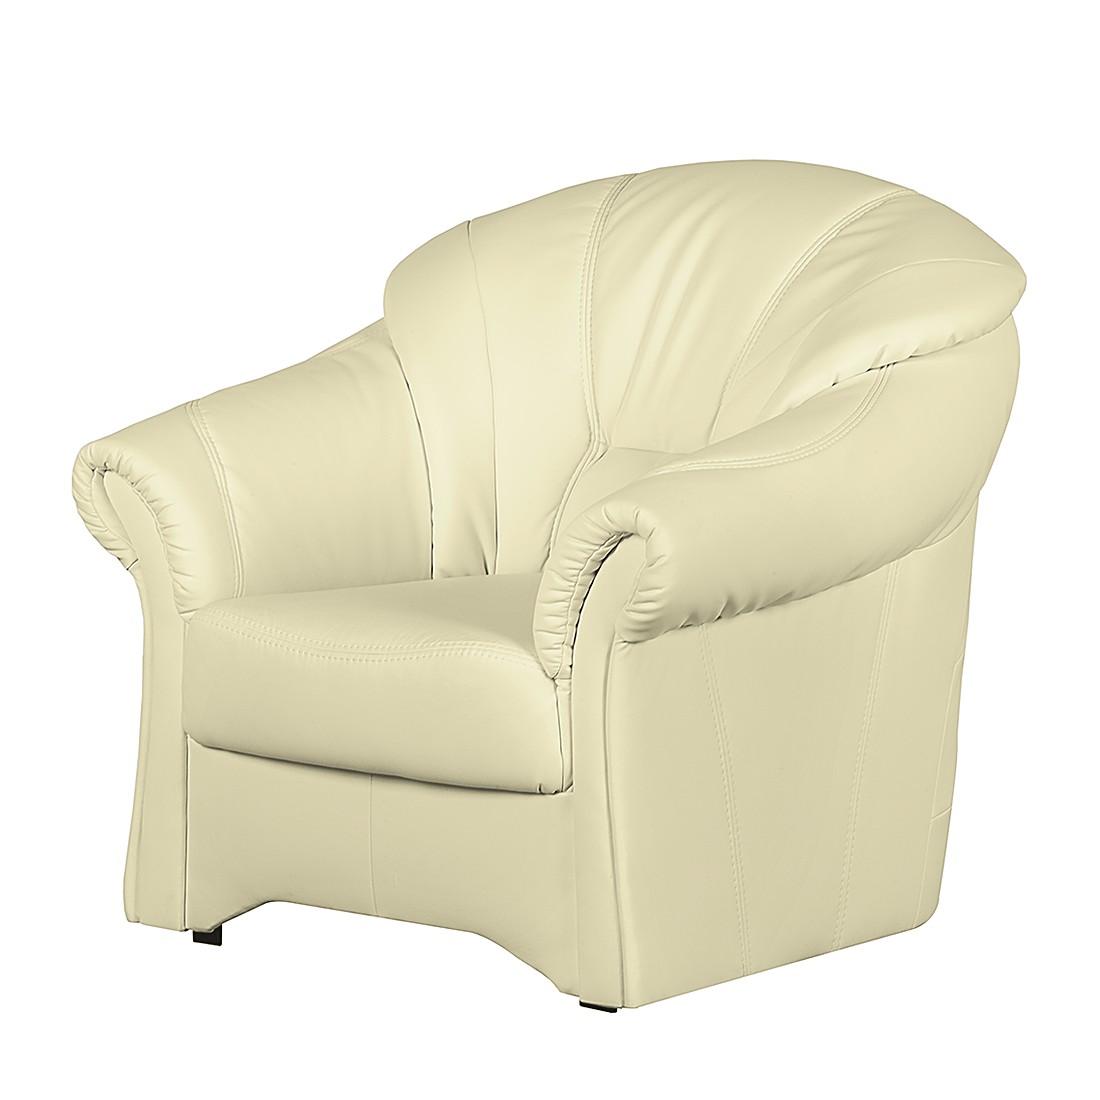 sessel beige kunstleder g nstig kaufen. Black Bedroom Furniture Sets. Home Design Ideas